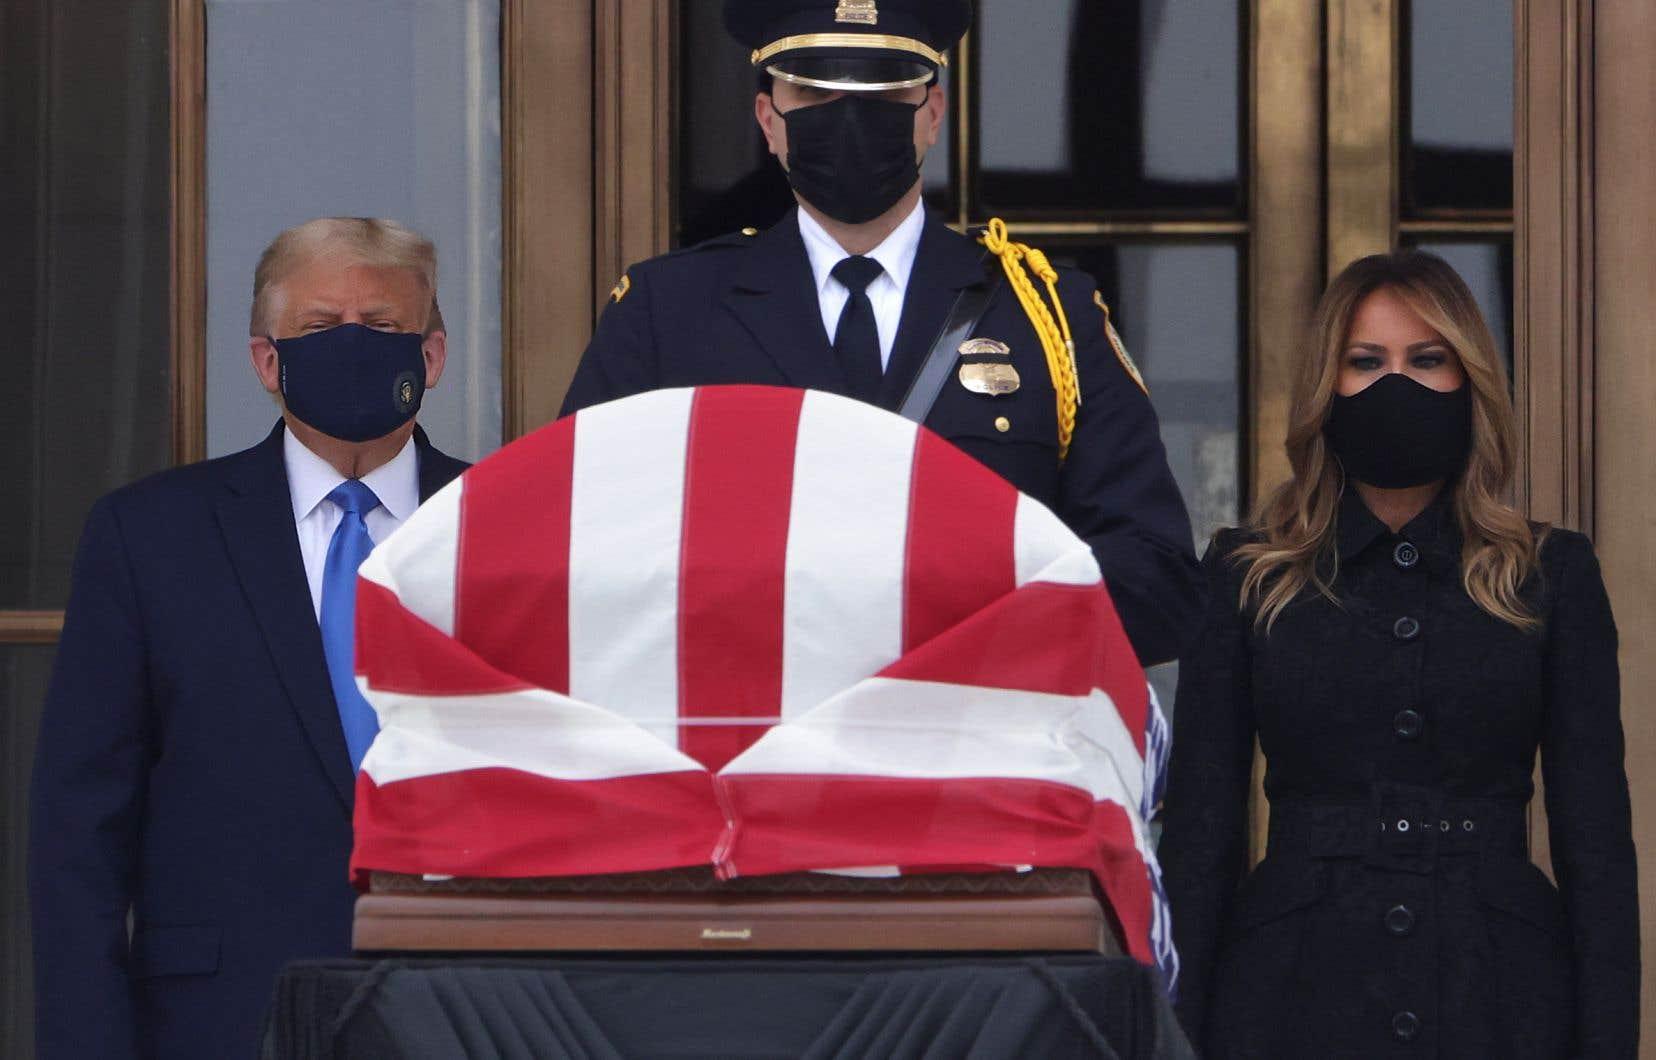 Accompagné de sa femme Melania, Donald Trump a marqué un moment de silence face à la dépouille de la juge décédée vendredi à l'âge de 87 ans.